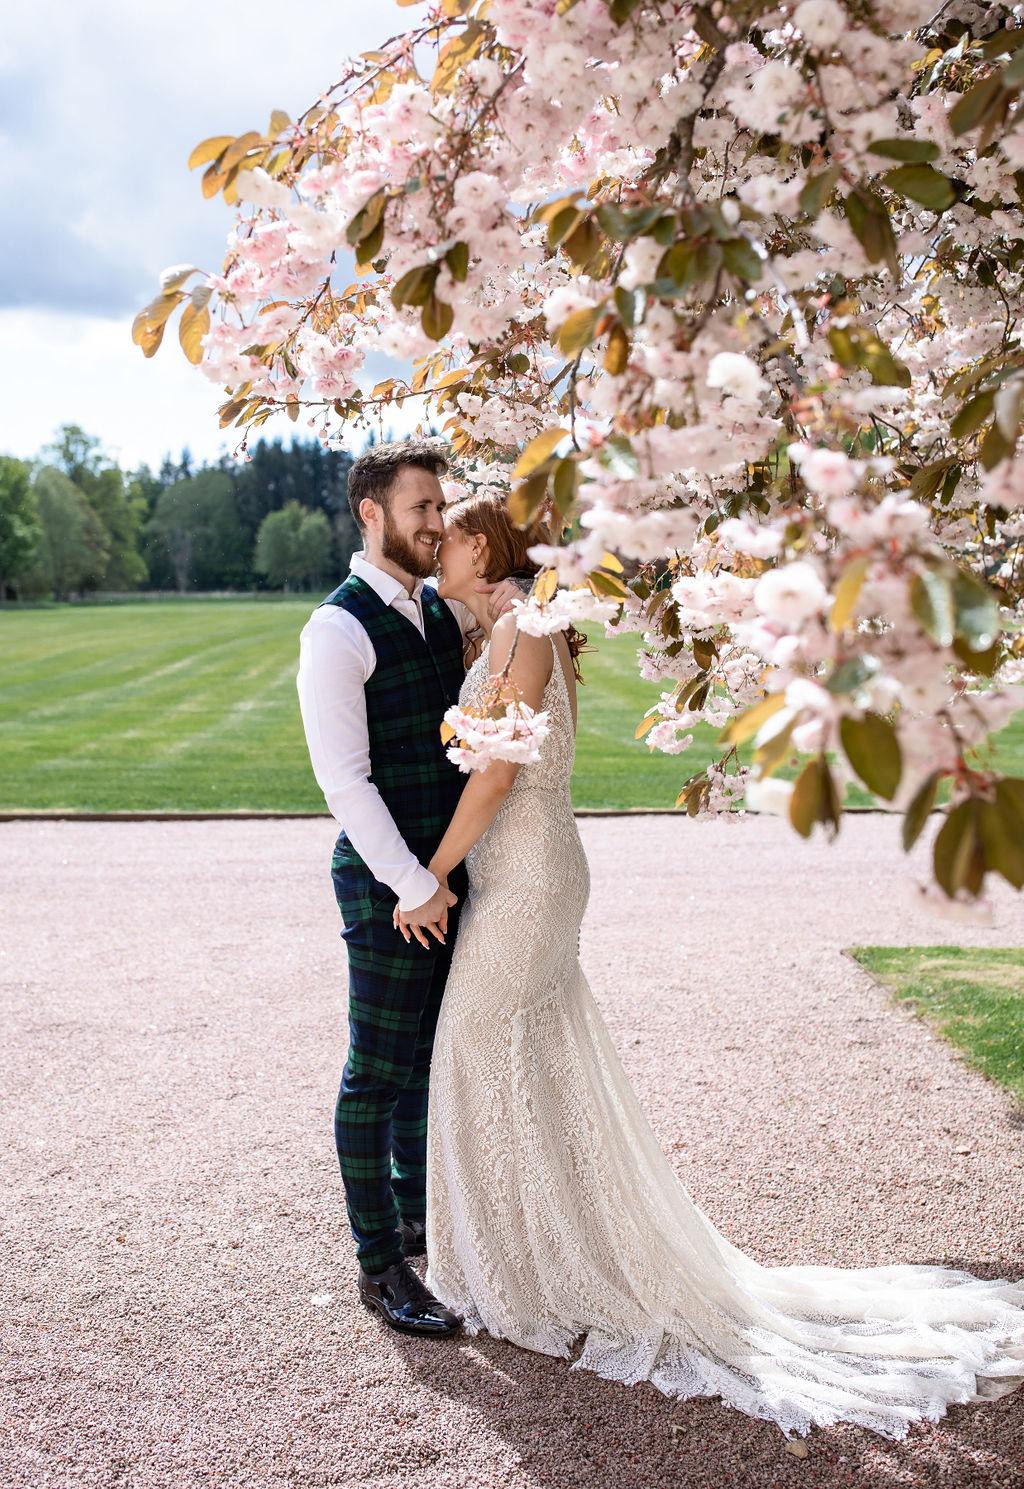 Wedding Shoot at Tower Hall